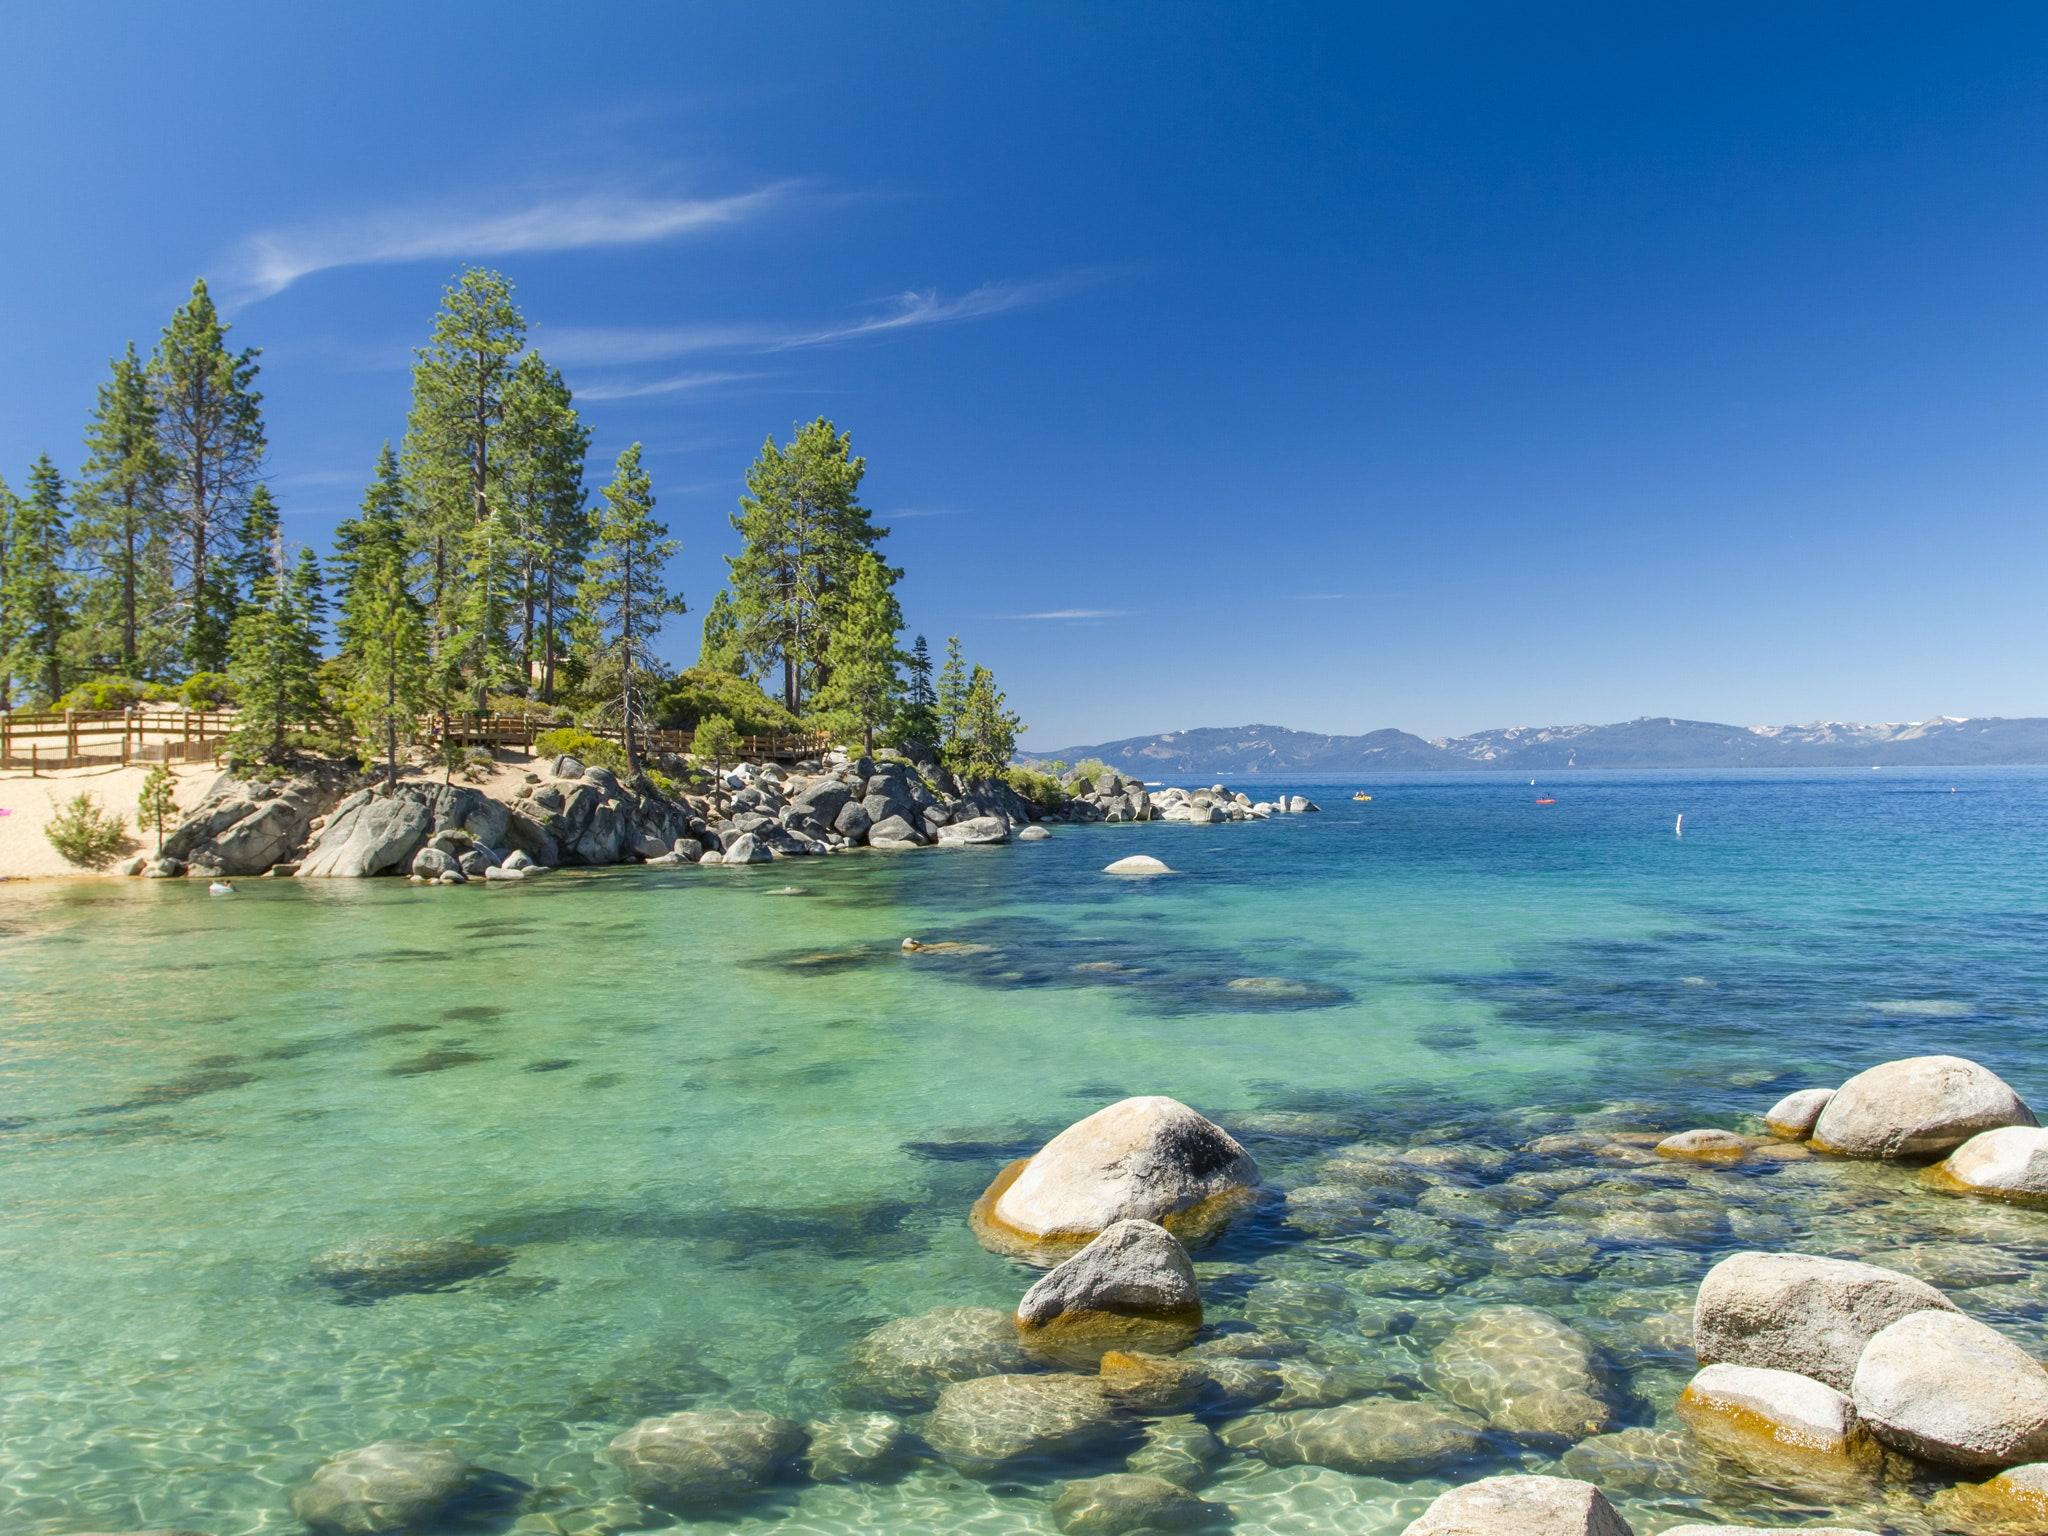 أفضل البحيرات في أمريكا خلال 2022